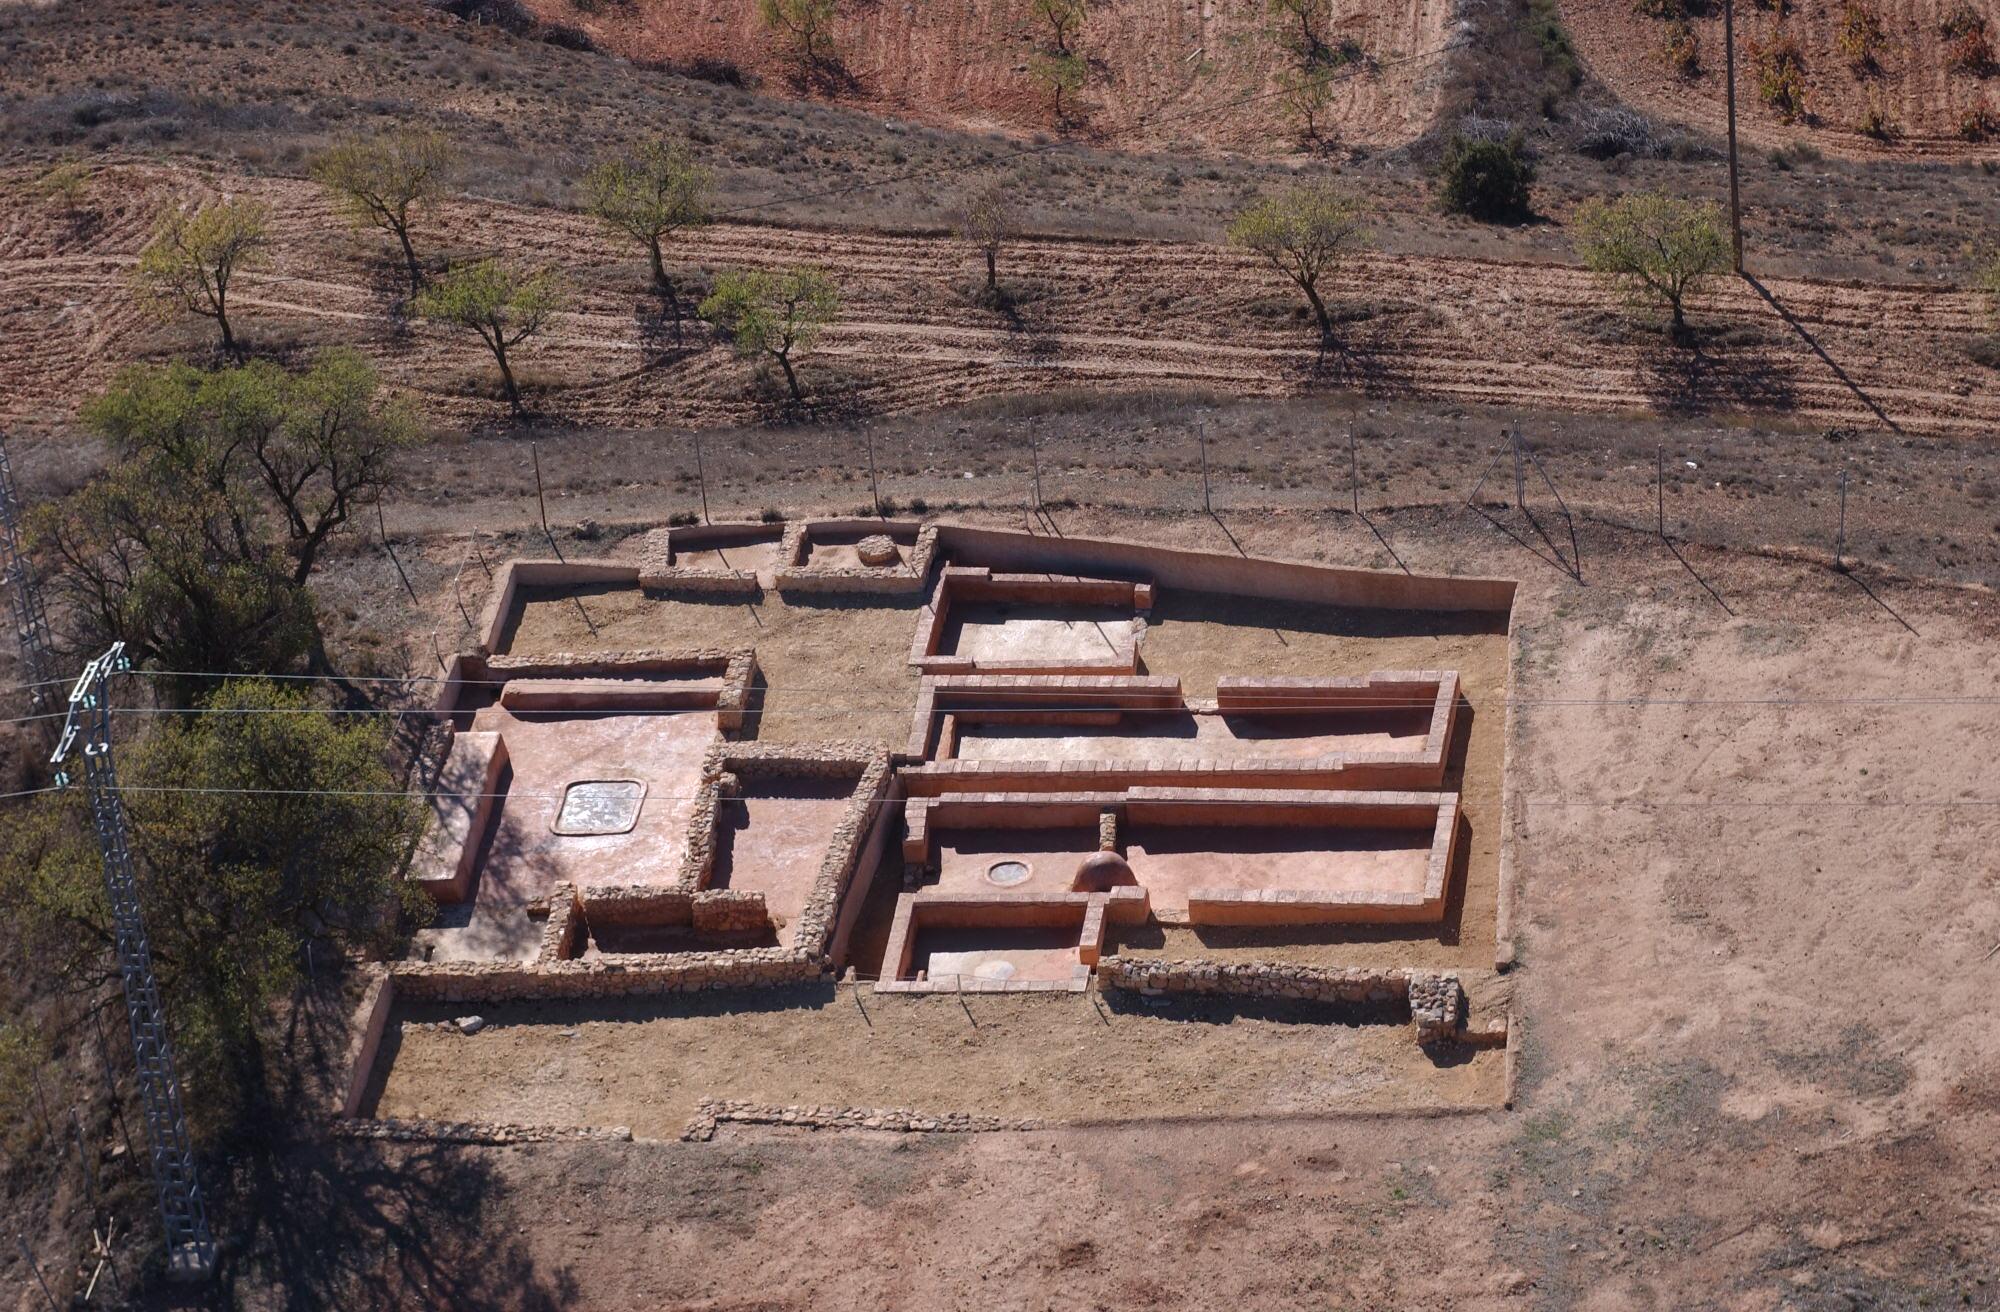 Imagen del Yacimiento de Los Villares en Caudete de las Fuentes, identificado como la antigua ciudad ibérica de Kelin FUENTE: utielrequena.org